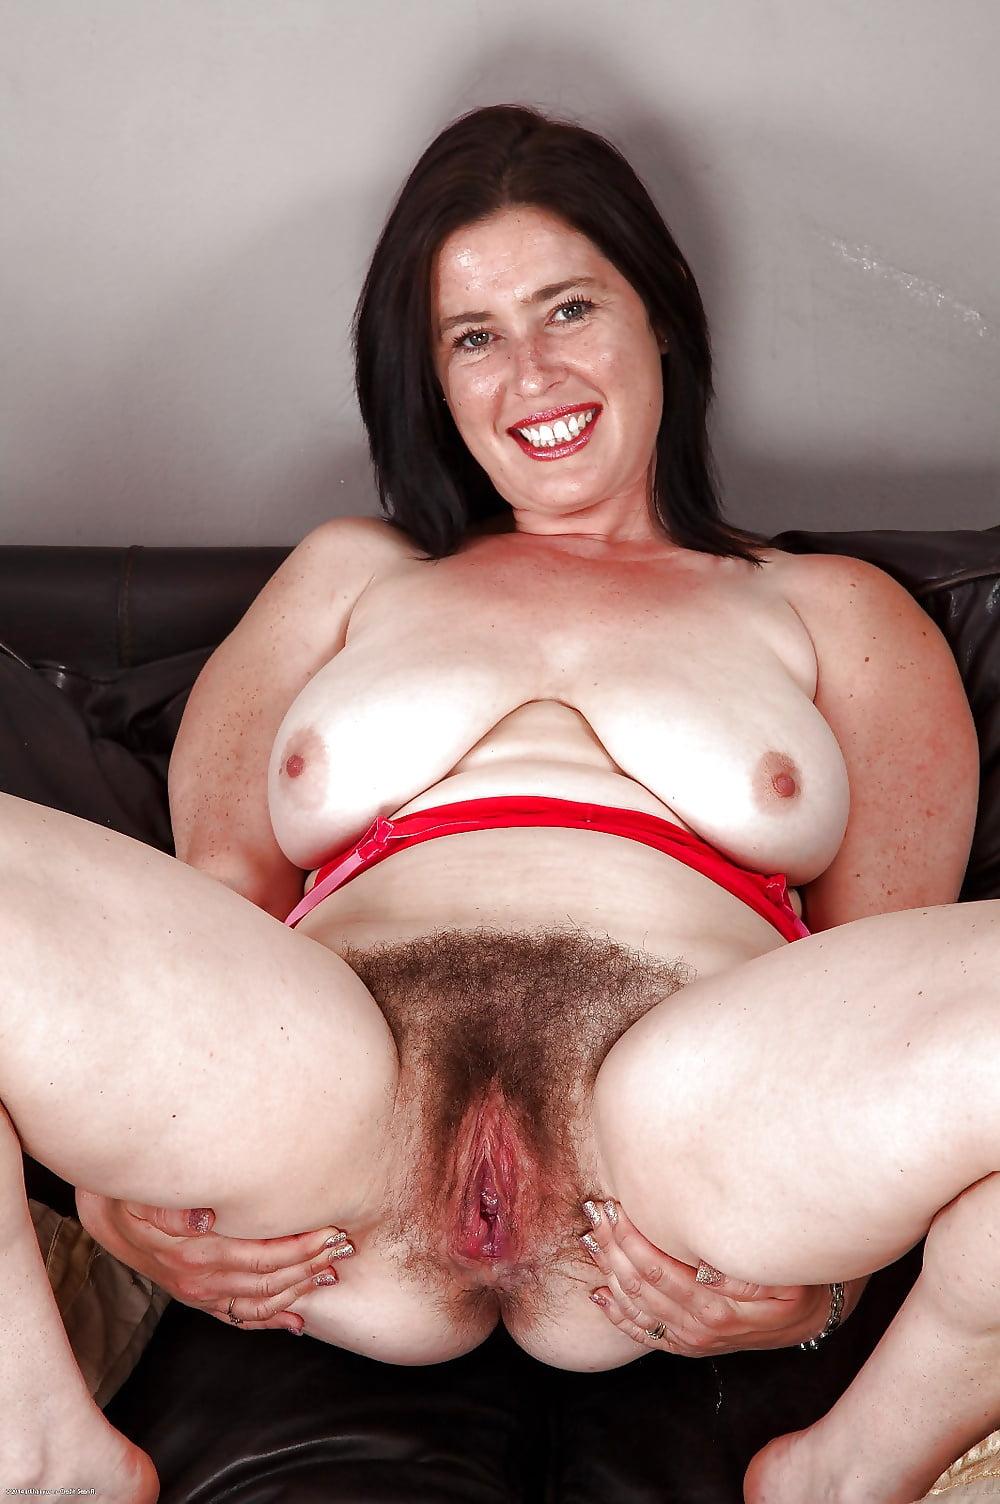 Heavy women pussy